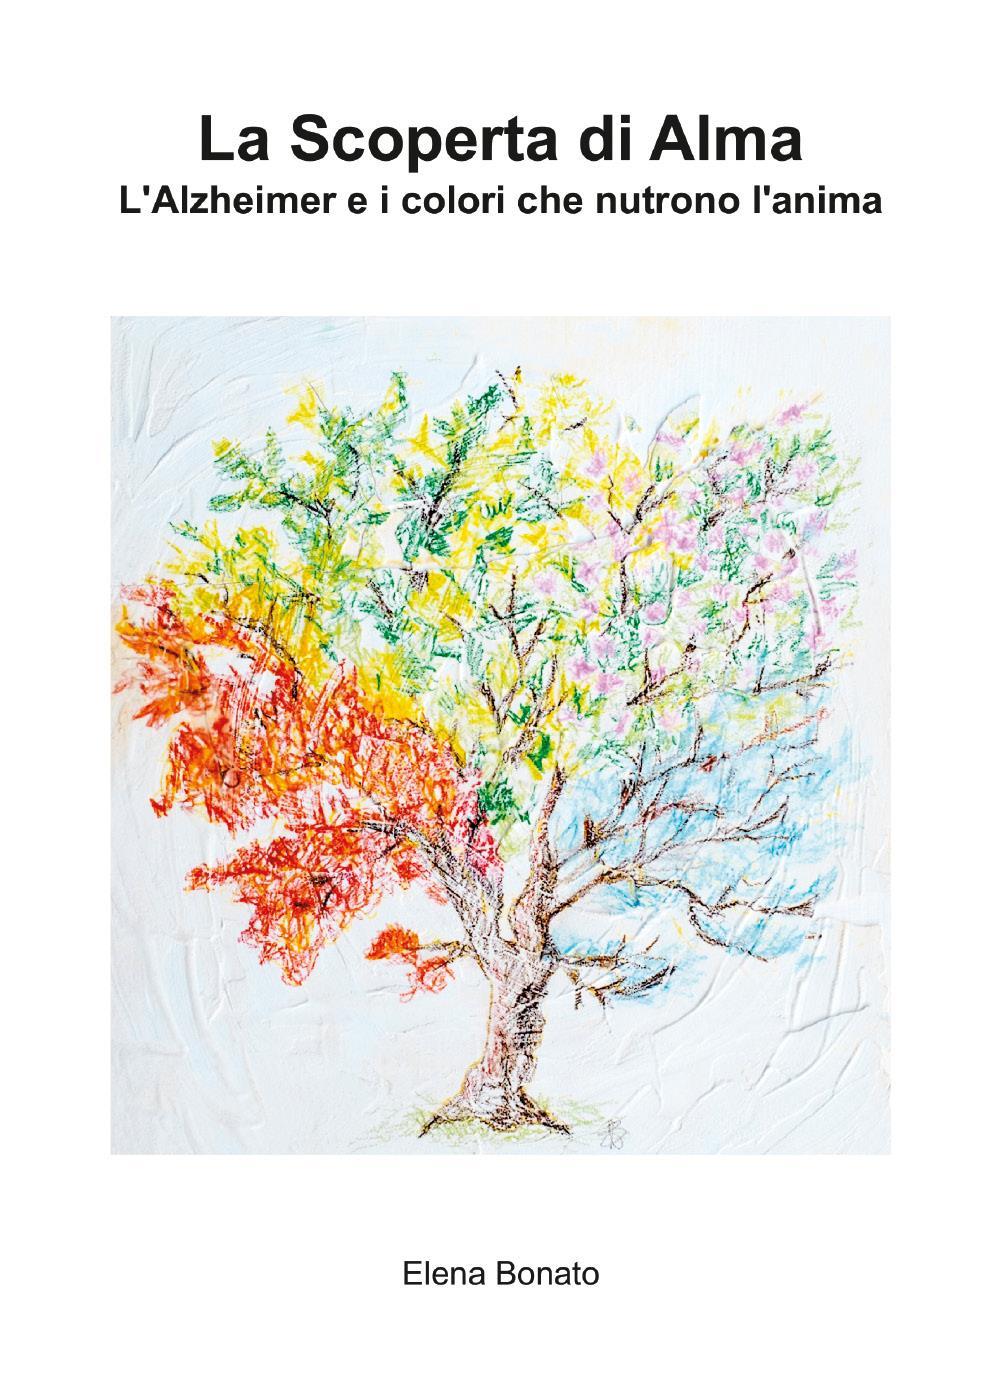 La scoperta di Alma. L'Alzheimer e i colori che nutrono l'anima